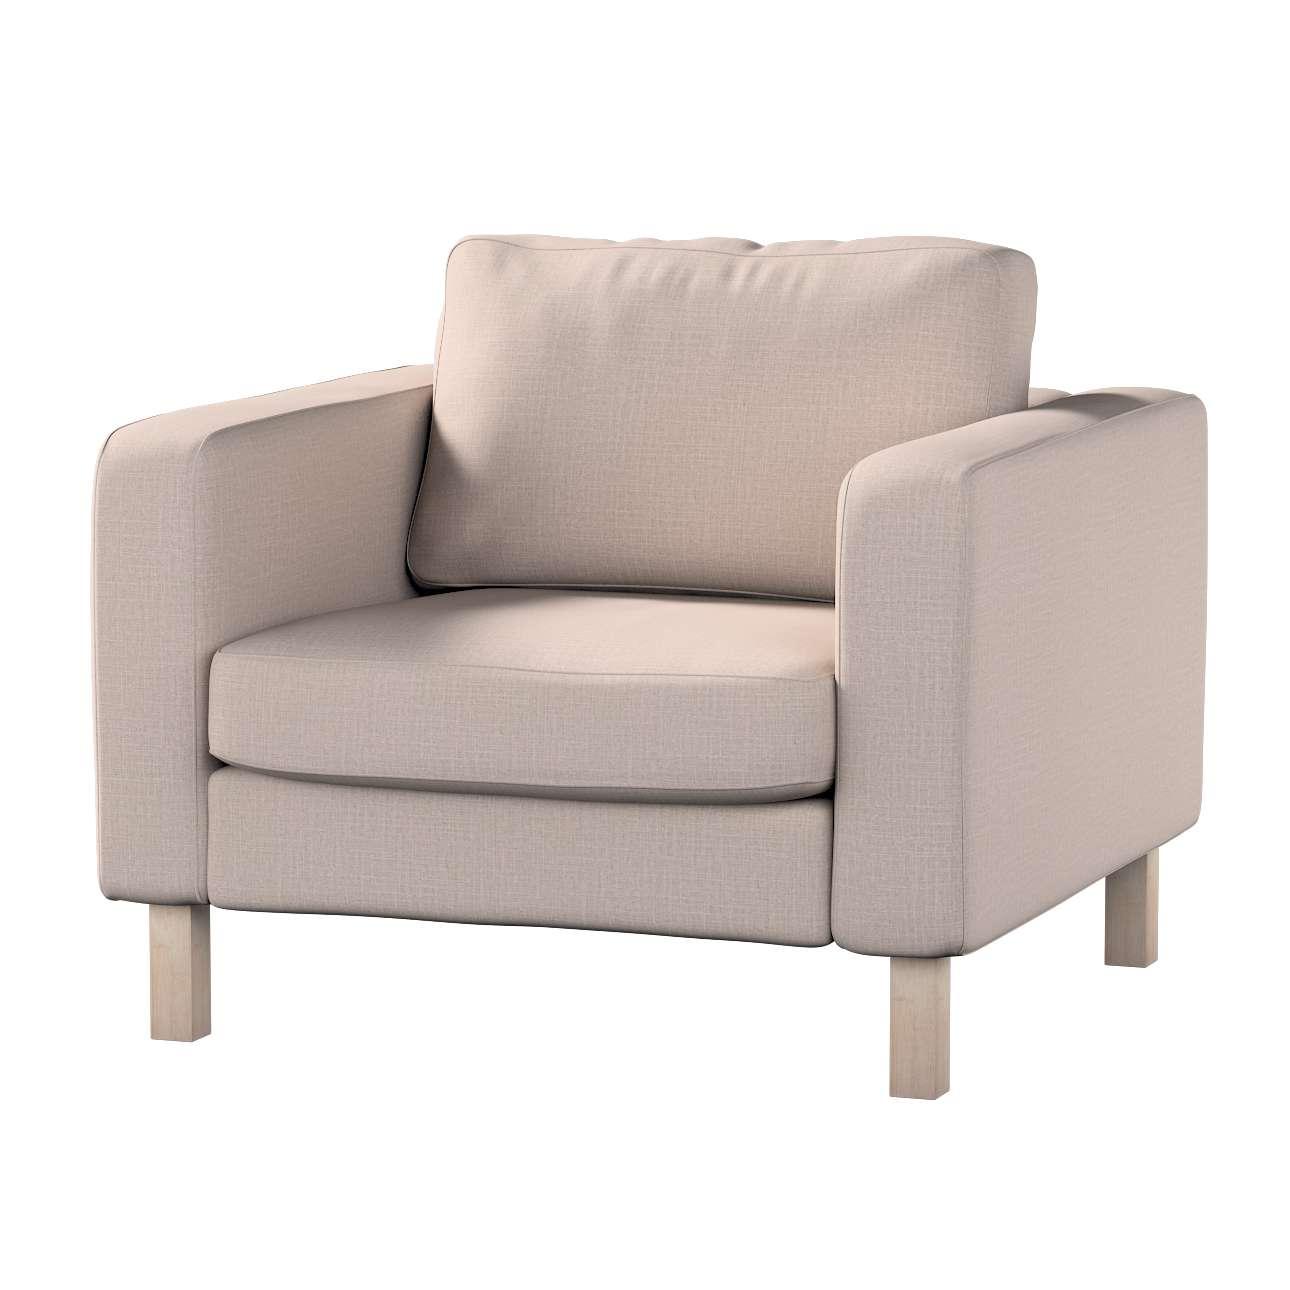 Pokrowiec na fotel Karlstad, krótki w kolekcji Living II, tkanina: 160-85